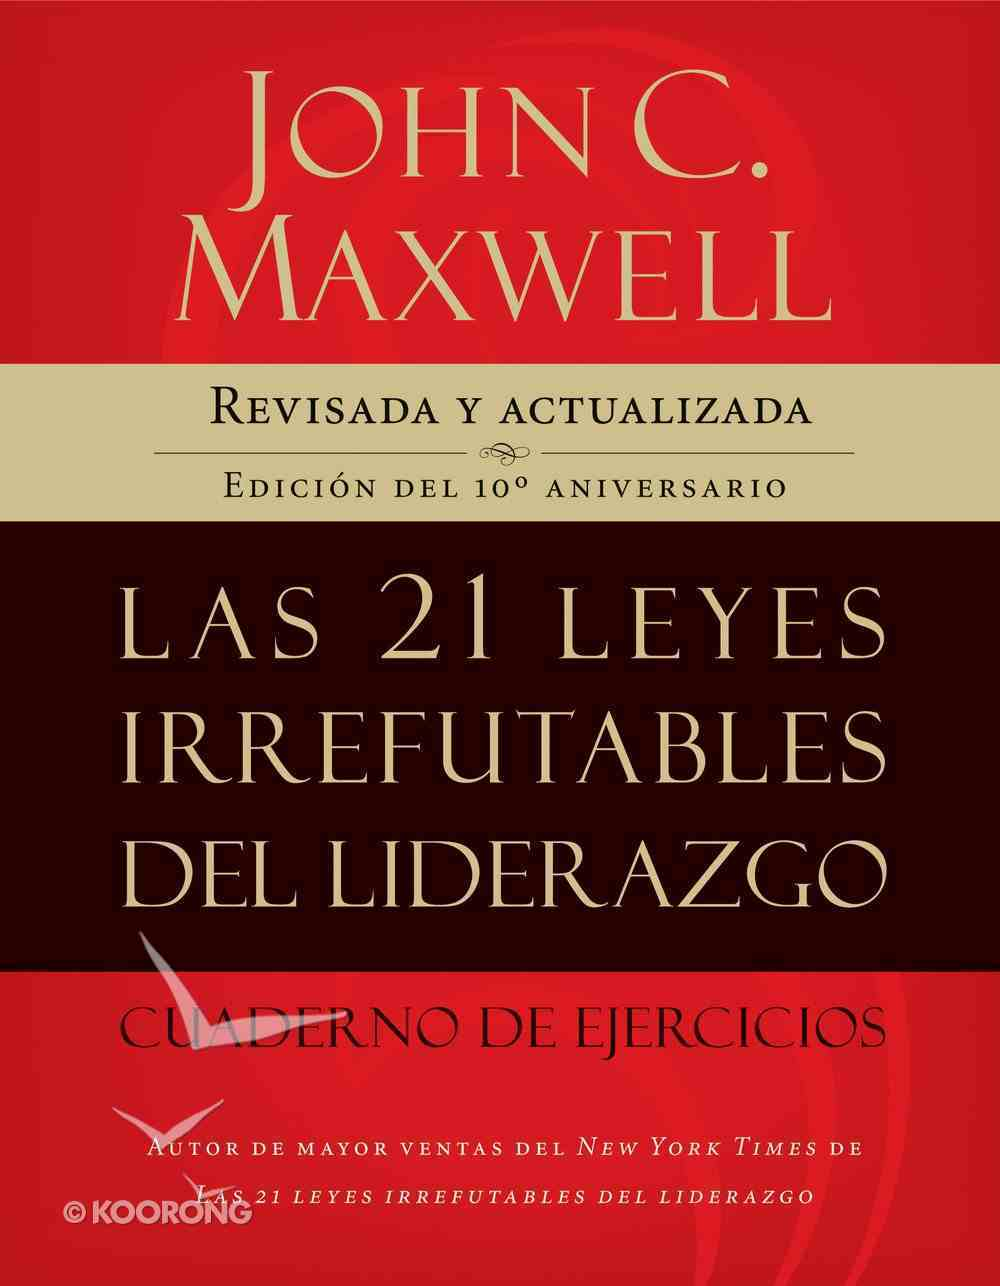 Las 21 Leyes Irrefutables Del Liderazgo, Cuaderno De Ejercicios (Spa) (The 21 Irrefutable Laws Of Leadership Workbook (Spanish) eBook